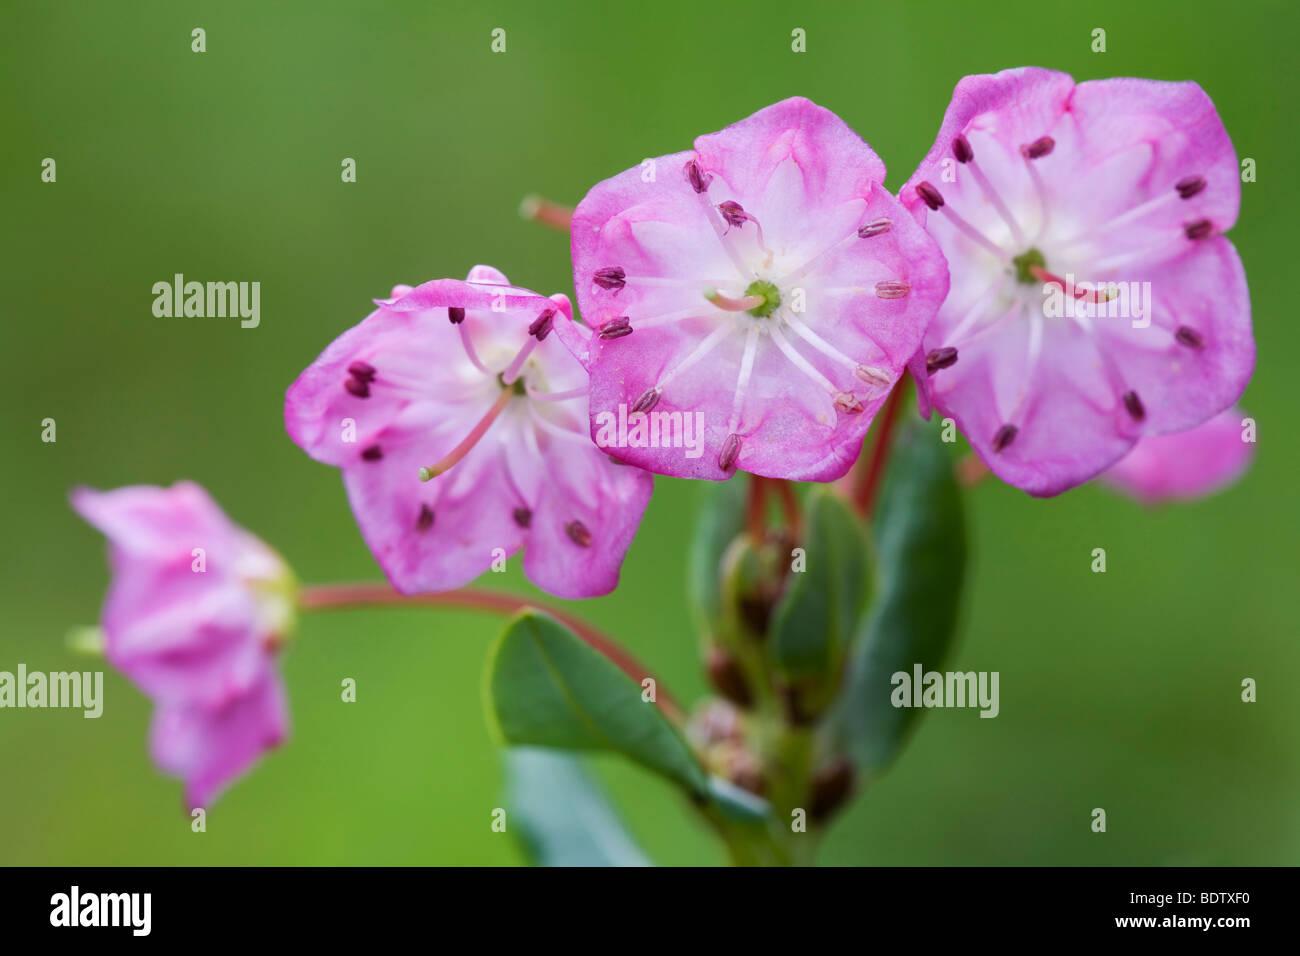 Poleiblaettrige Lorbeerrose - (Lorbeerrose) / Bog Laurel / Kalmia polifolia Stock Photo